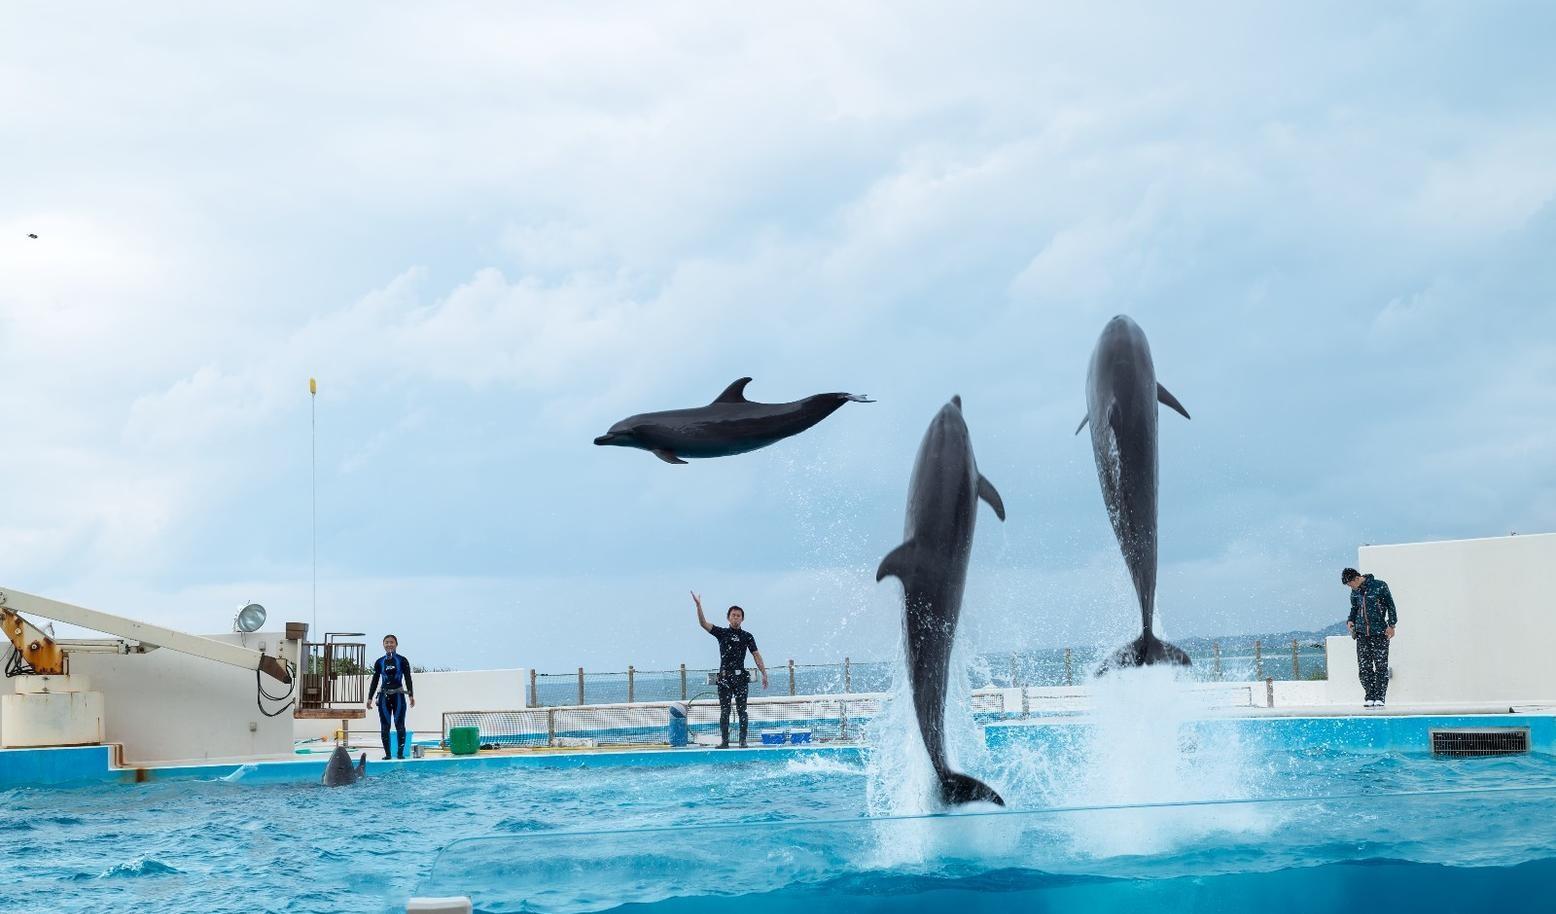 香港海洋公园:业绩连续第4年亏损,仍会策划新项目!